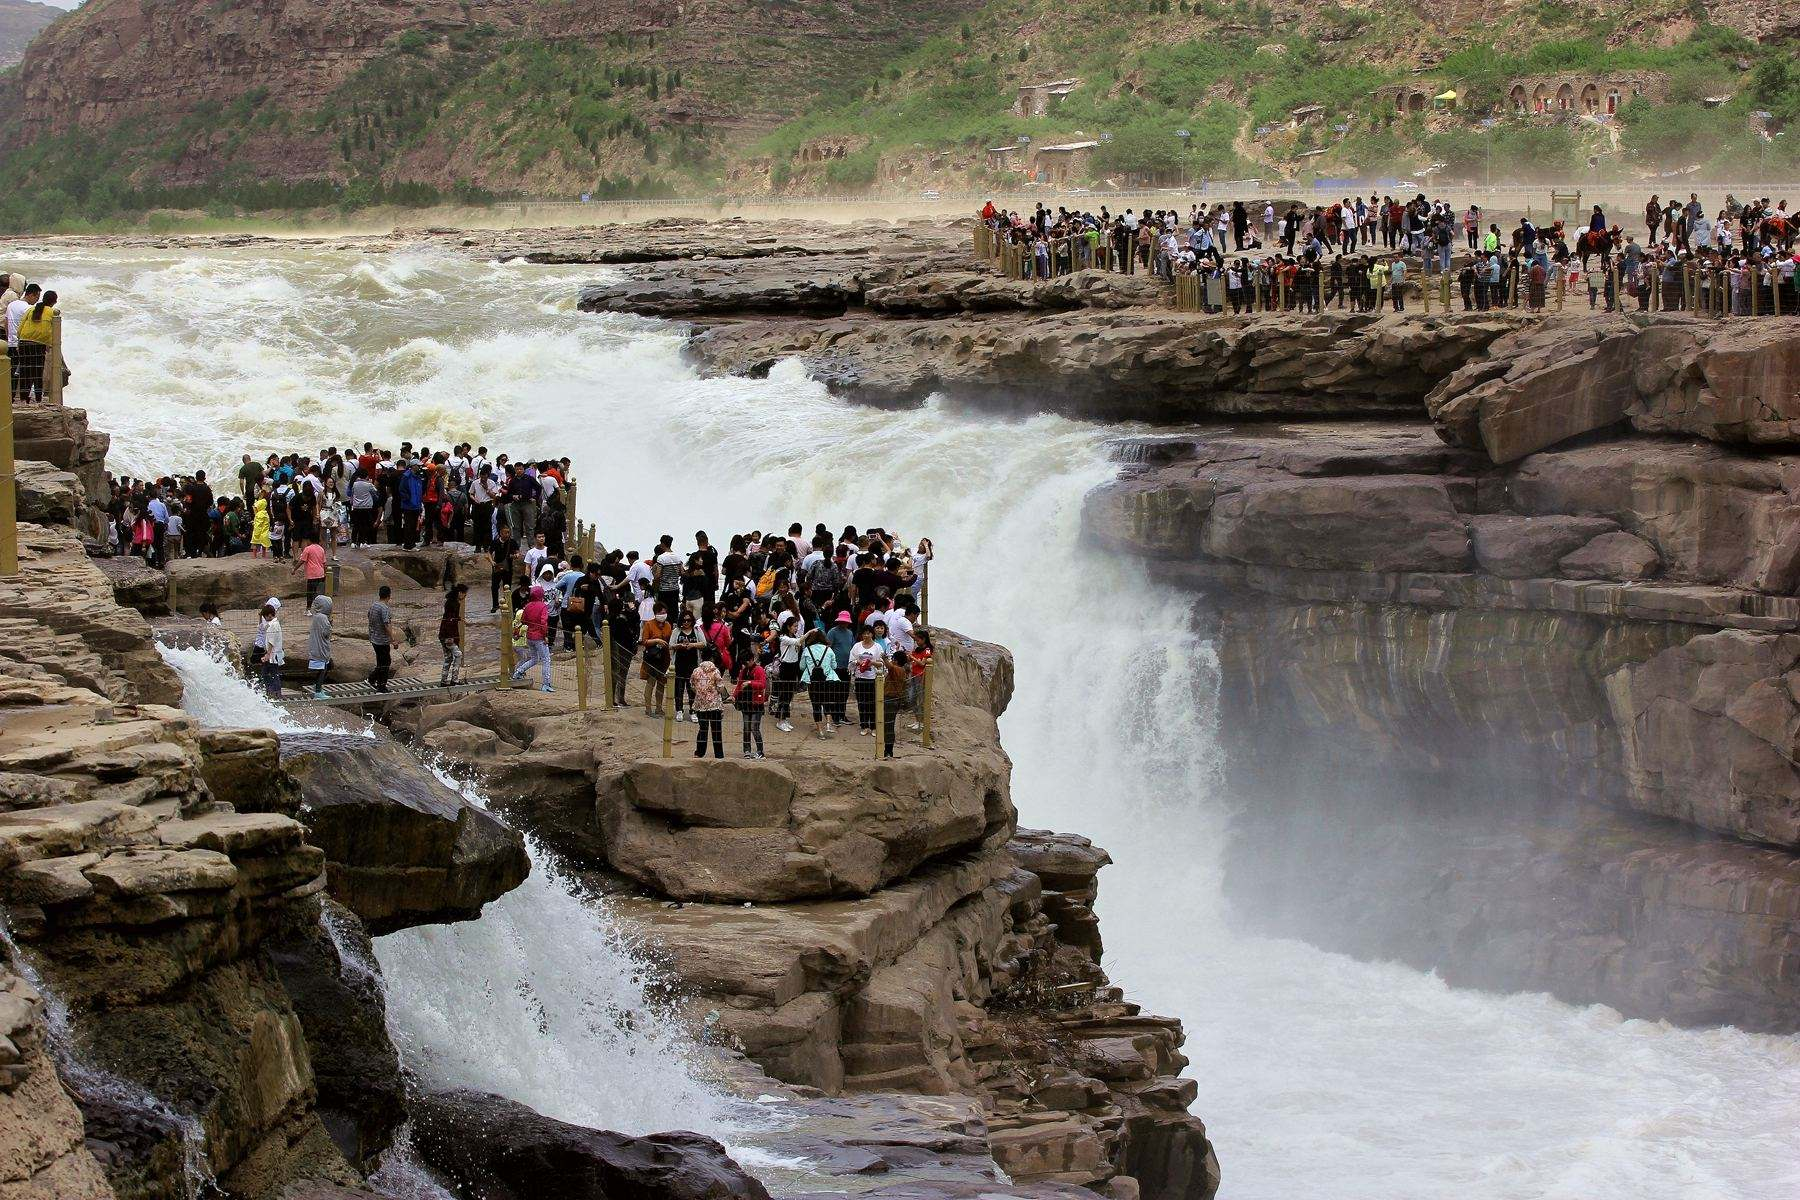 都知道汹涌奔腾的黄河,但都不知道有一道移动的瀑布,太神奇了